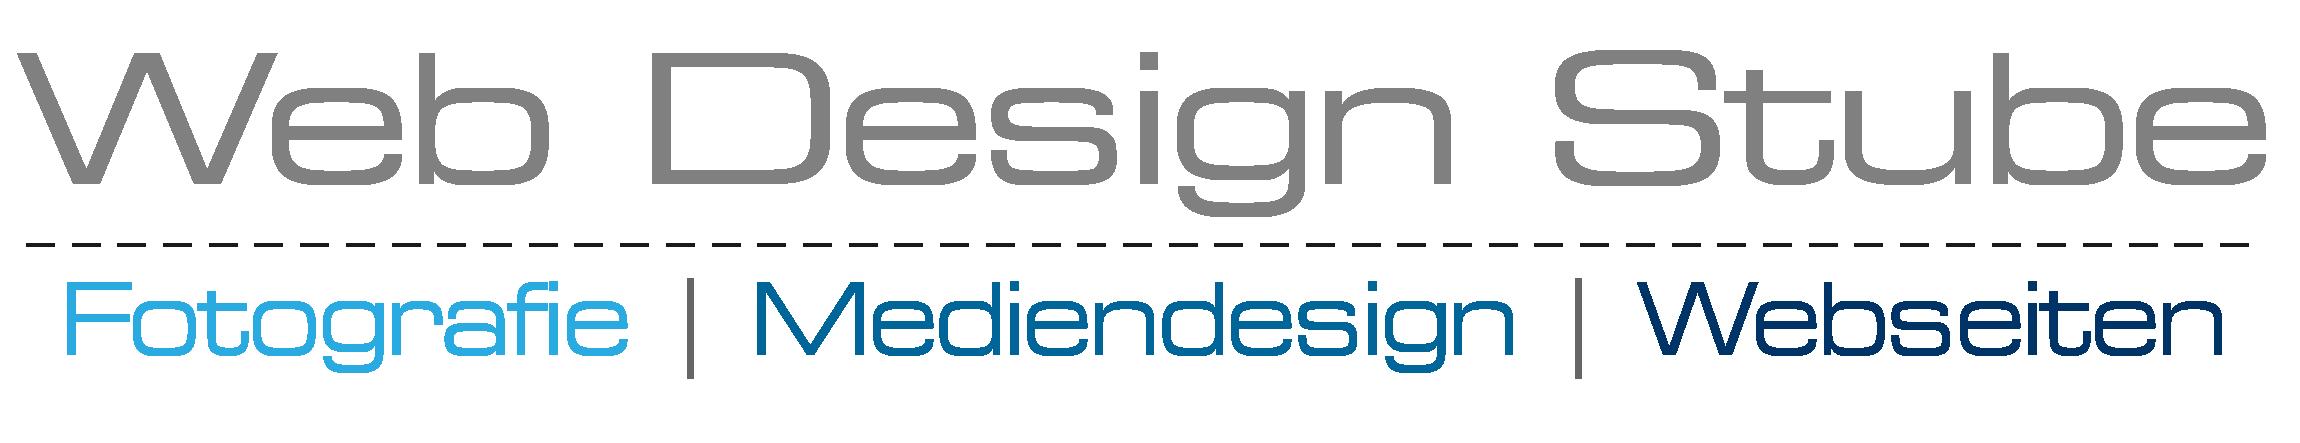 WEB DESIGN STUBE | Fotografie |Mediengestaltung | Webdesign| Fichtelgebirge | Typo3 Bayern